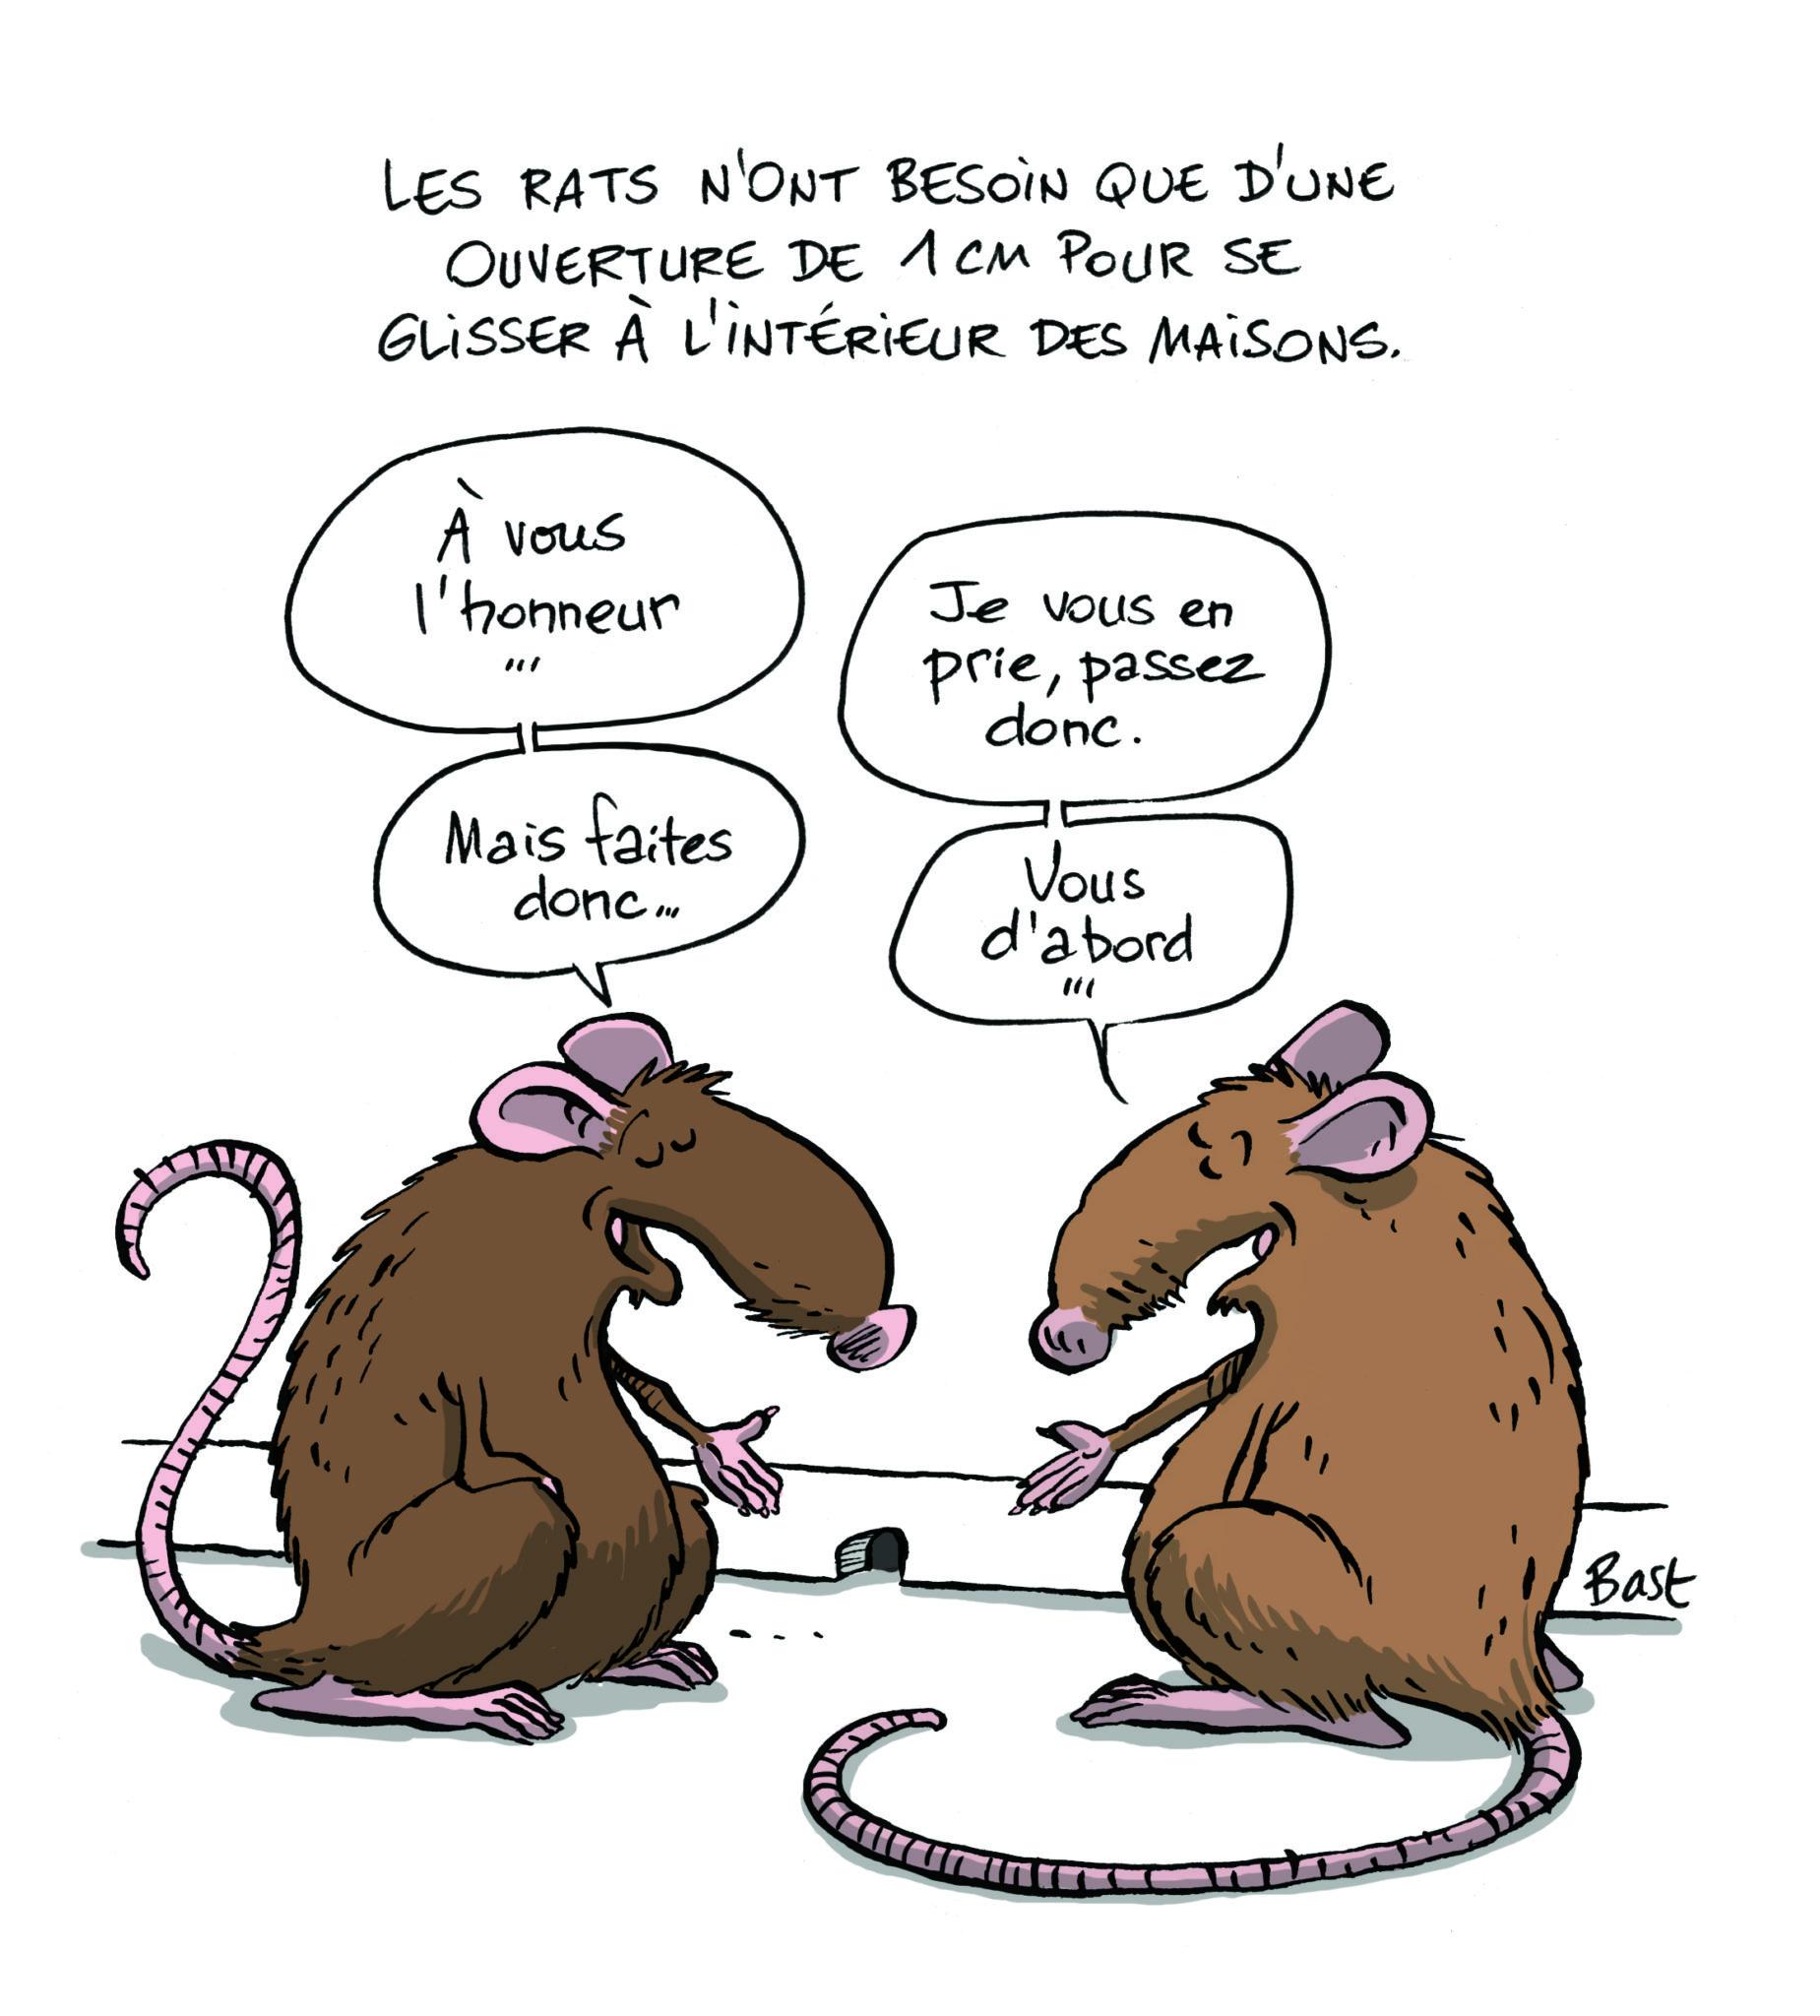 Souris et rat taupier sur la france - Faire fuir les rats ...